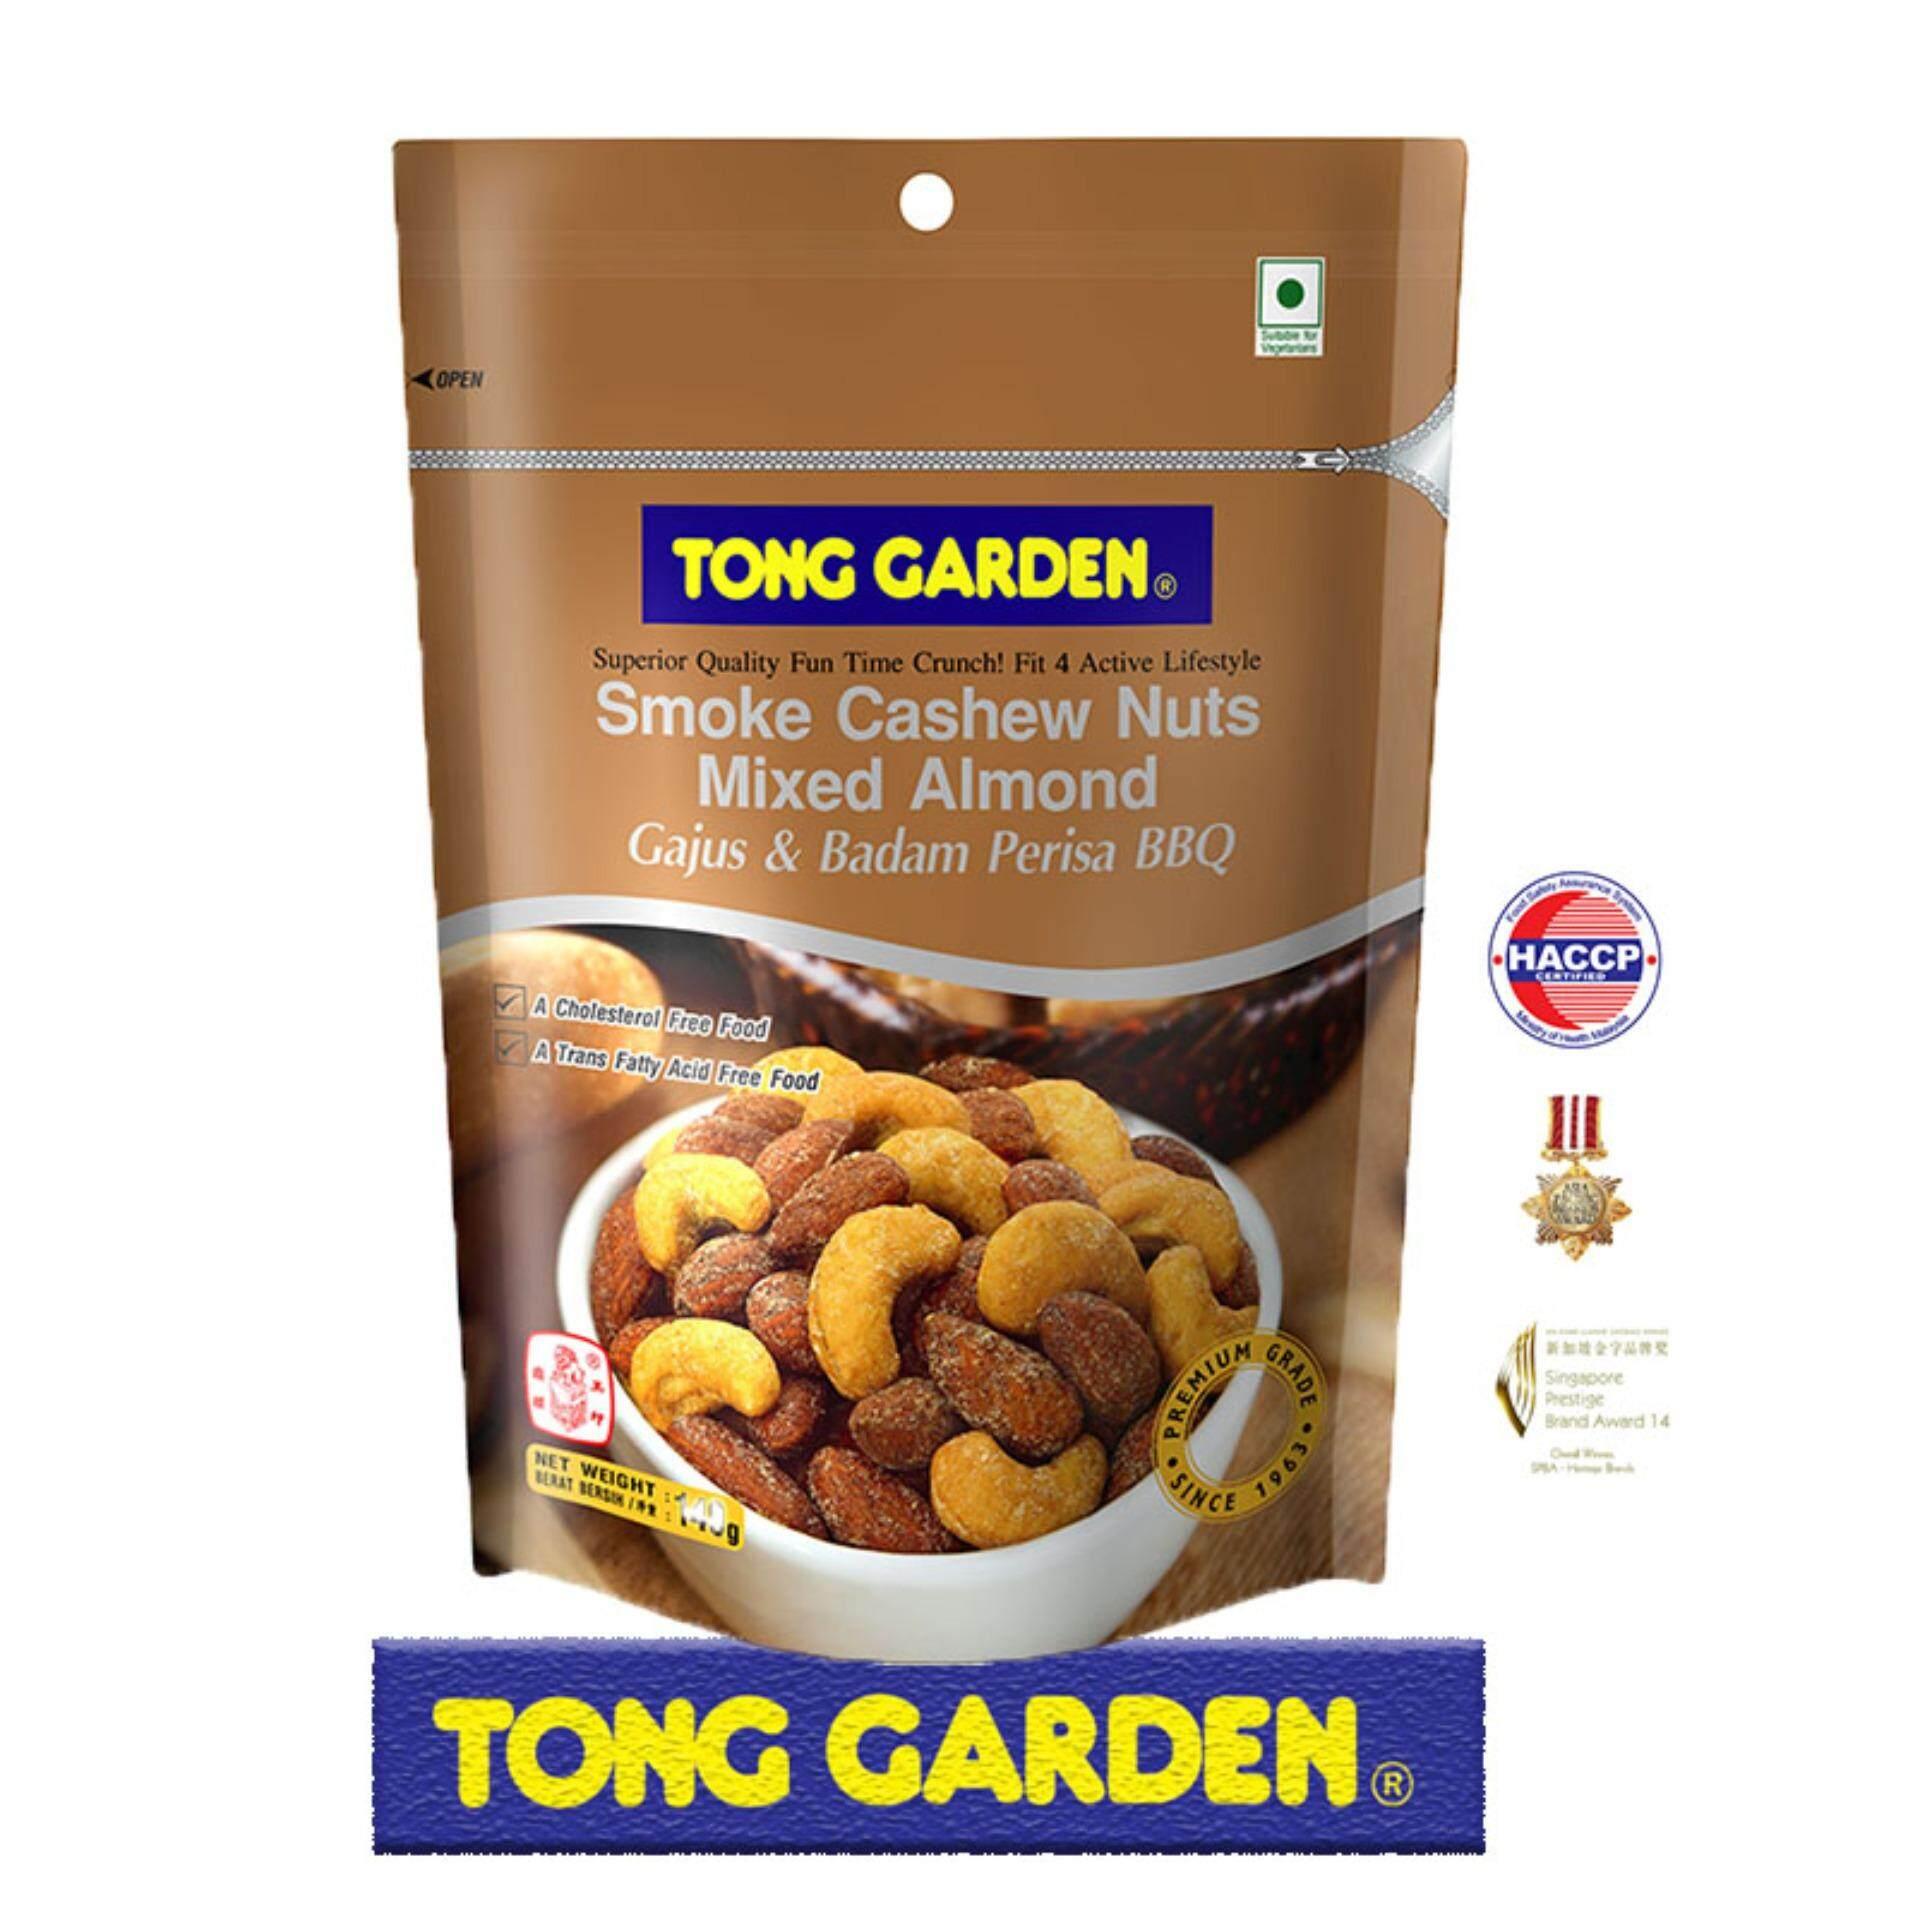 Tong Garden Cashew Nuts Mixed Almonds Smoke 140G